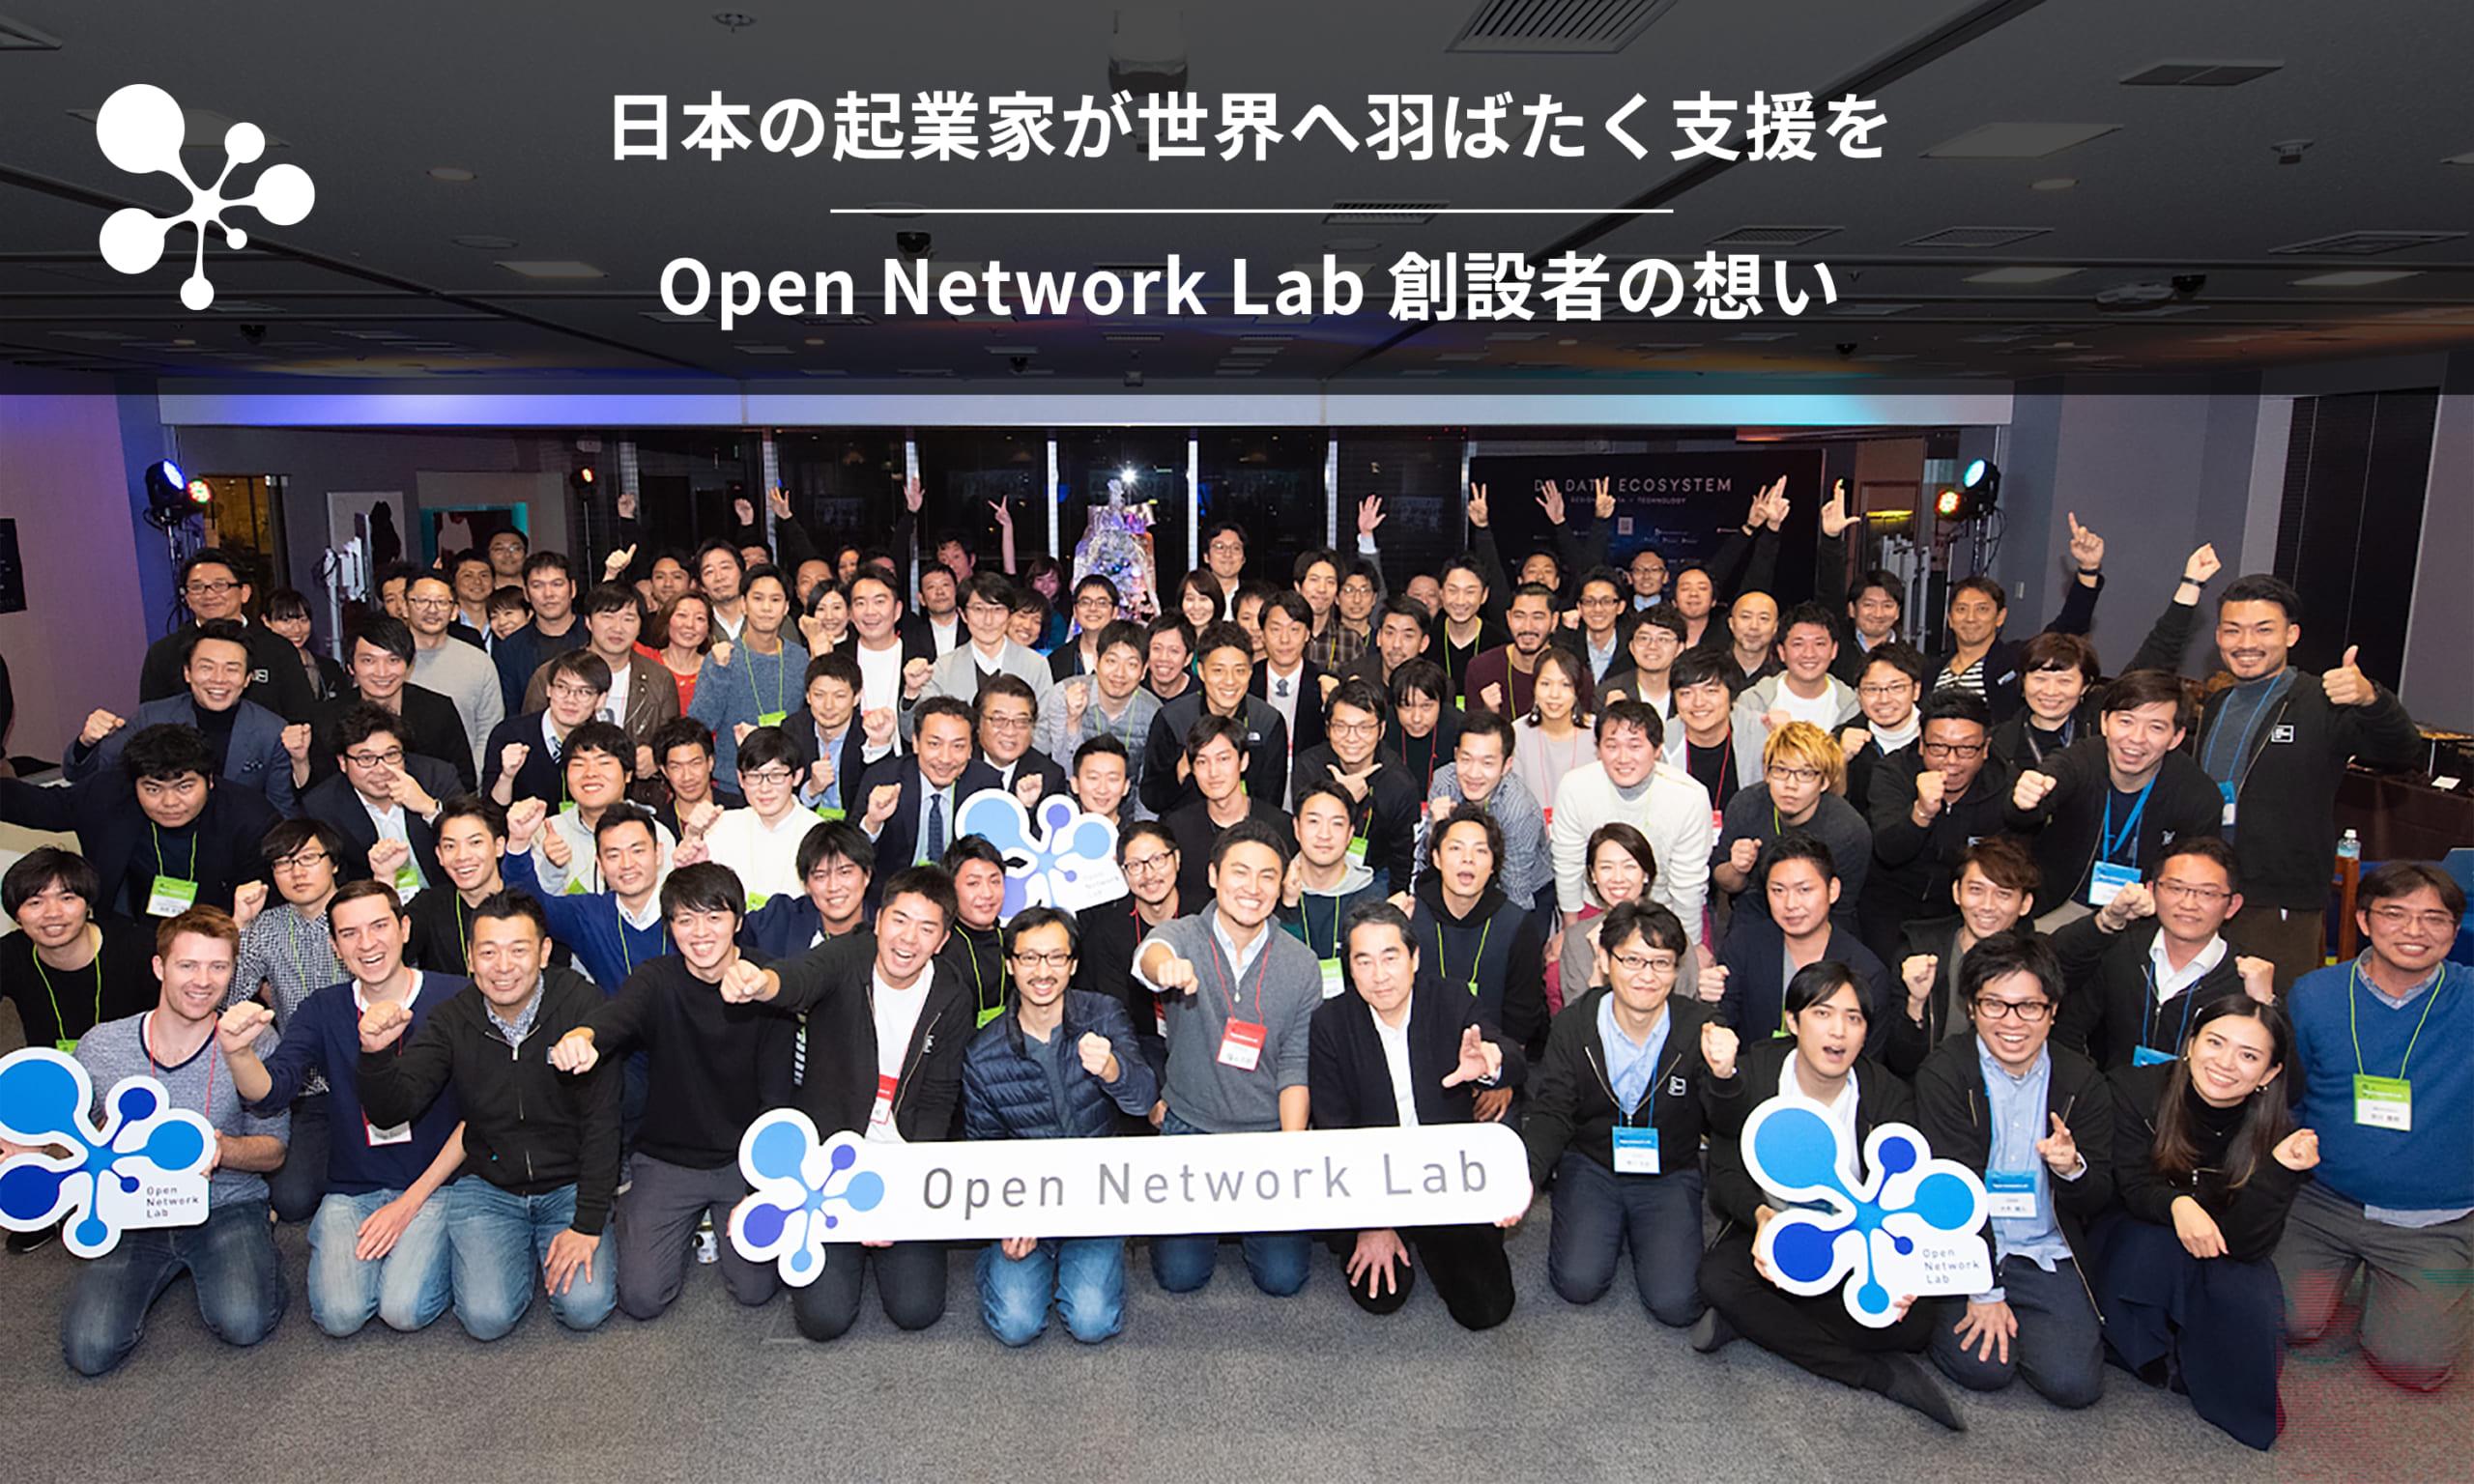 日本の起業家が世界へ羽ばたく支援を — Open Network Lab創設者の想い